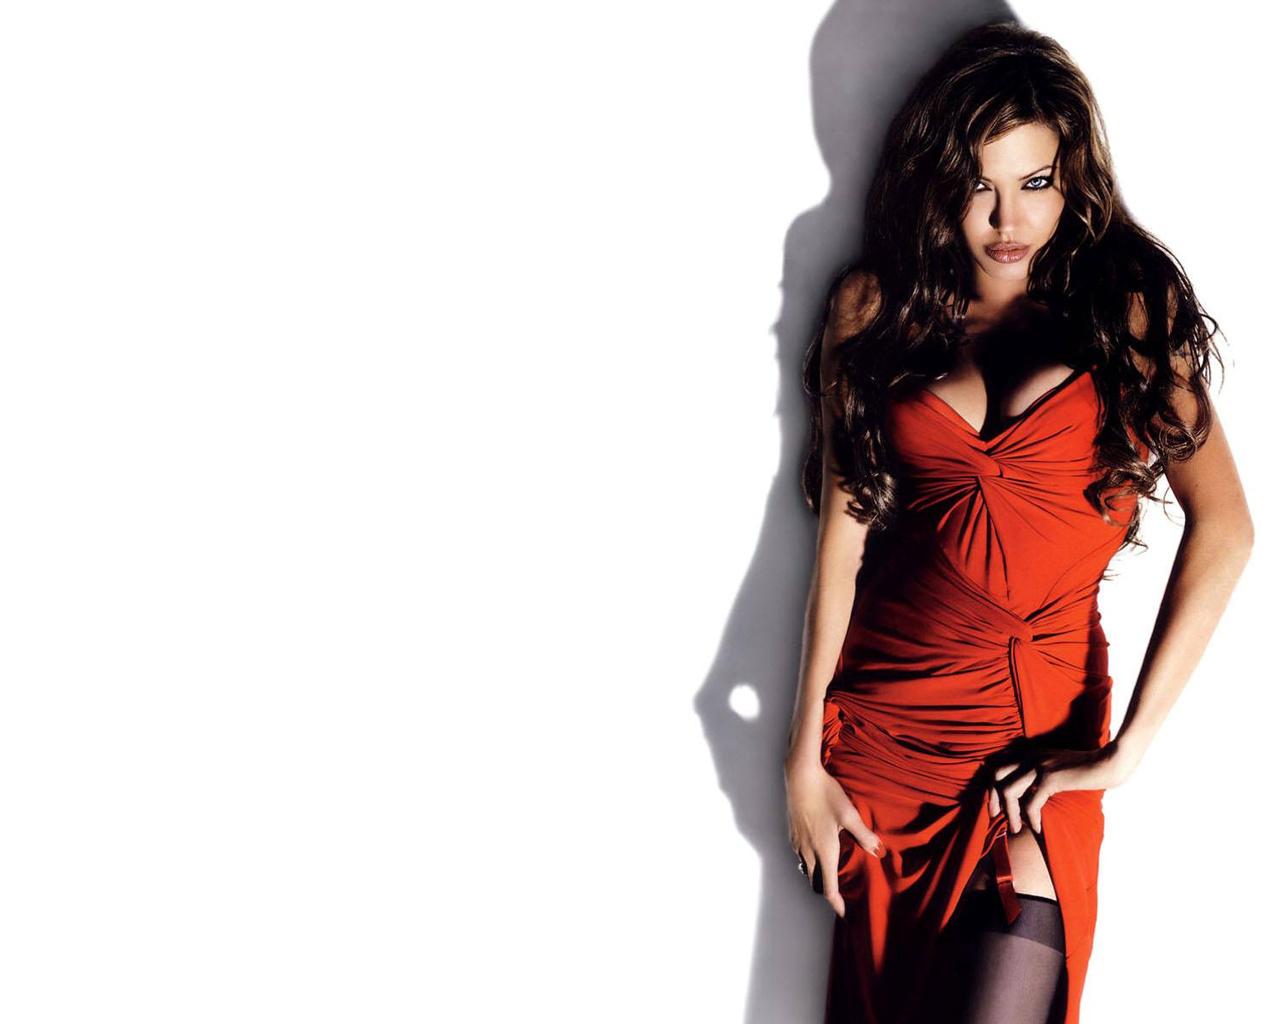 Худенькая Красавица Вернувшись Домой Снимает Офисную Одежду Домашнее Порно И Секс Фото